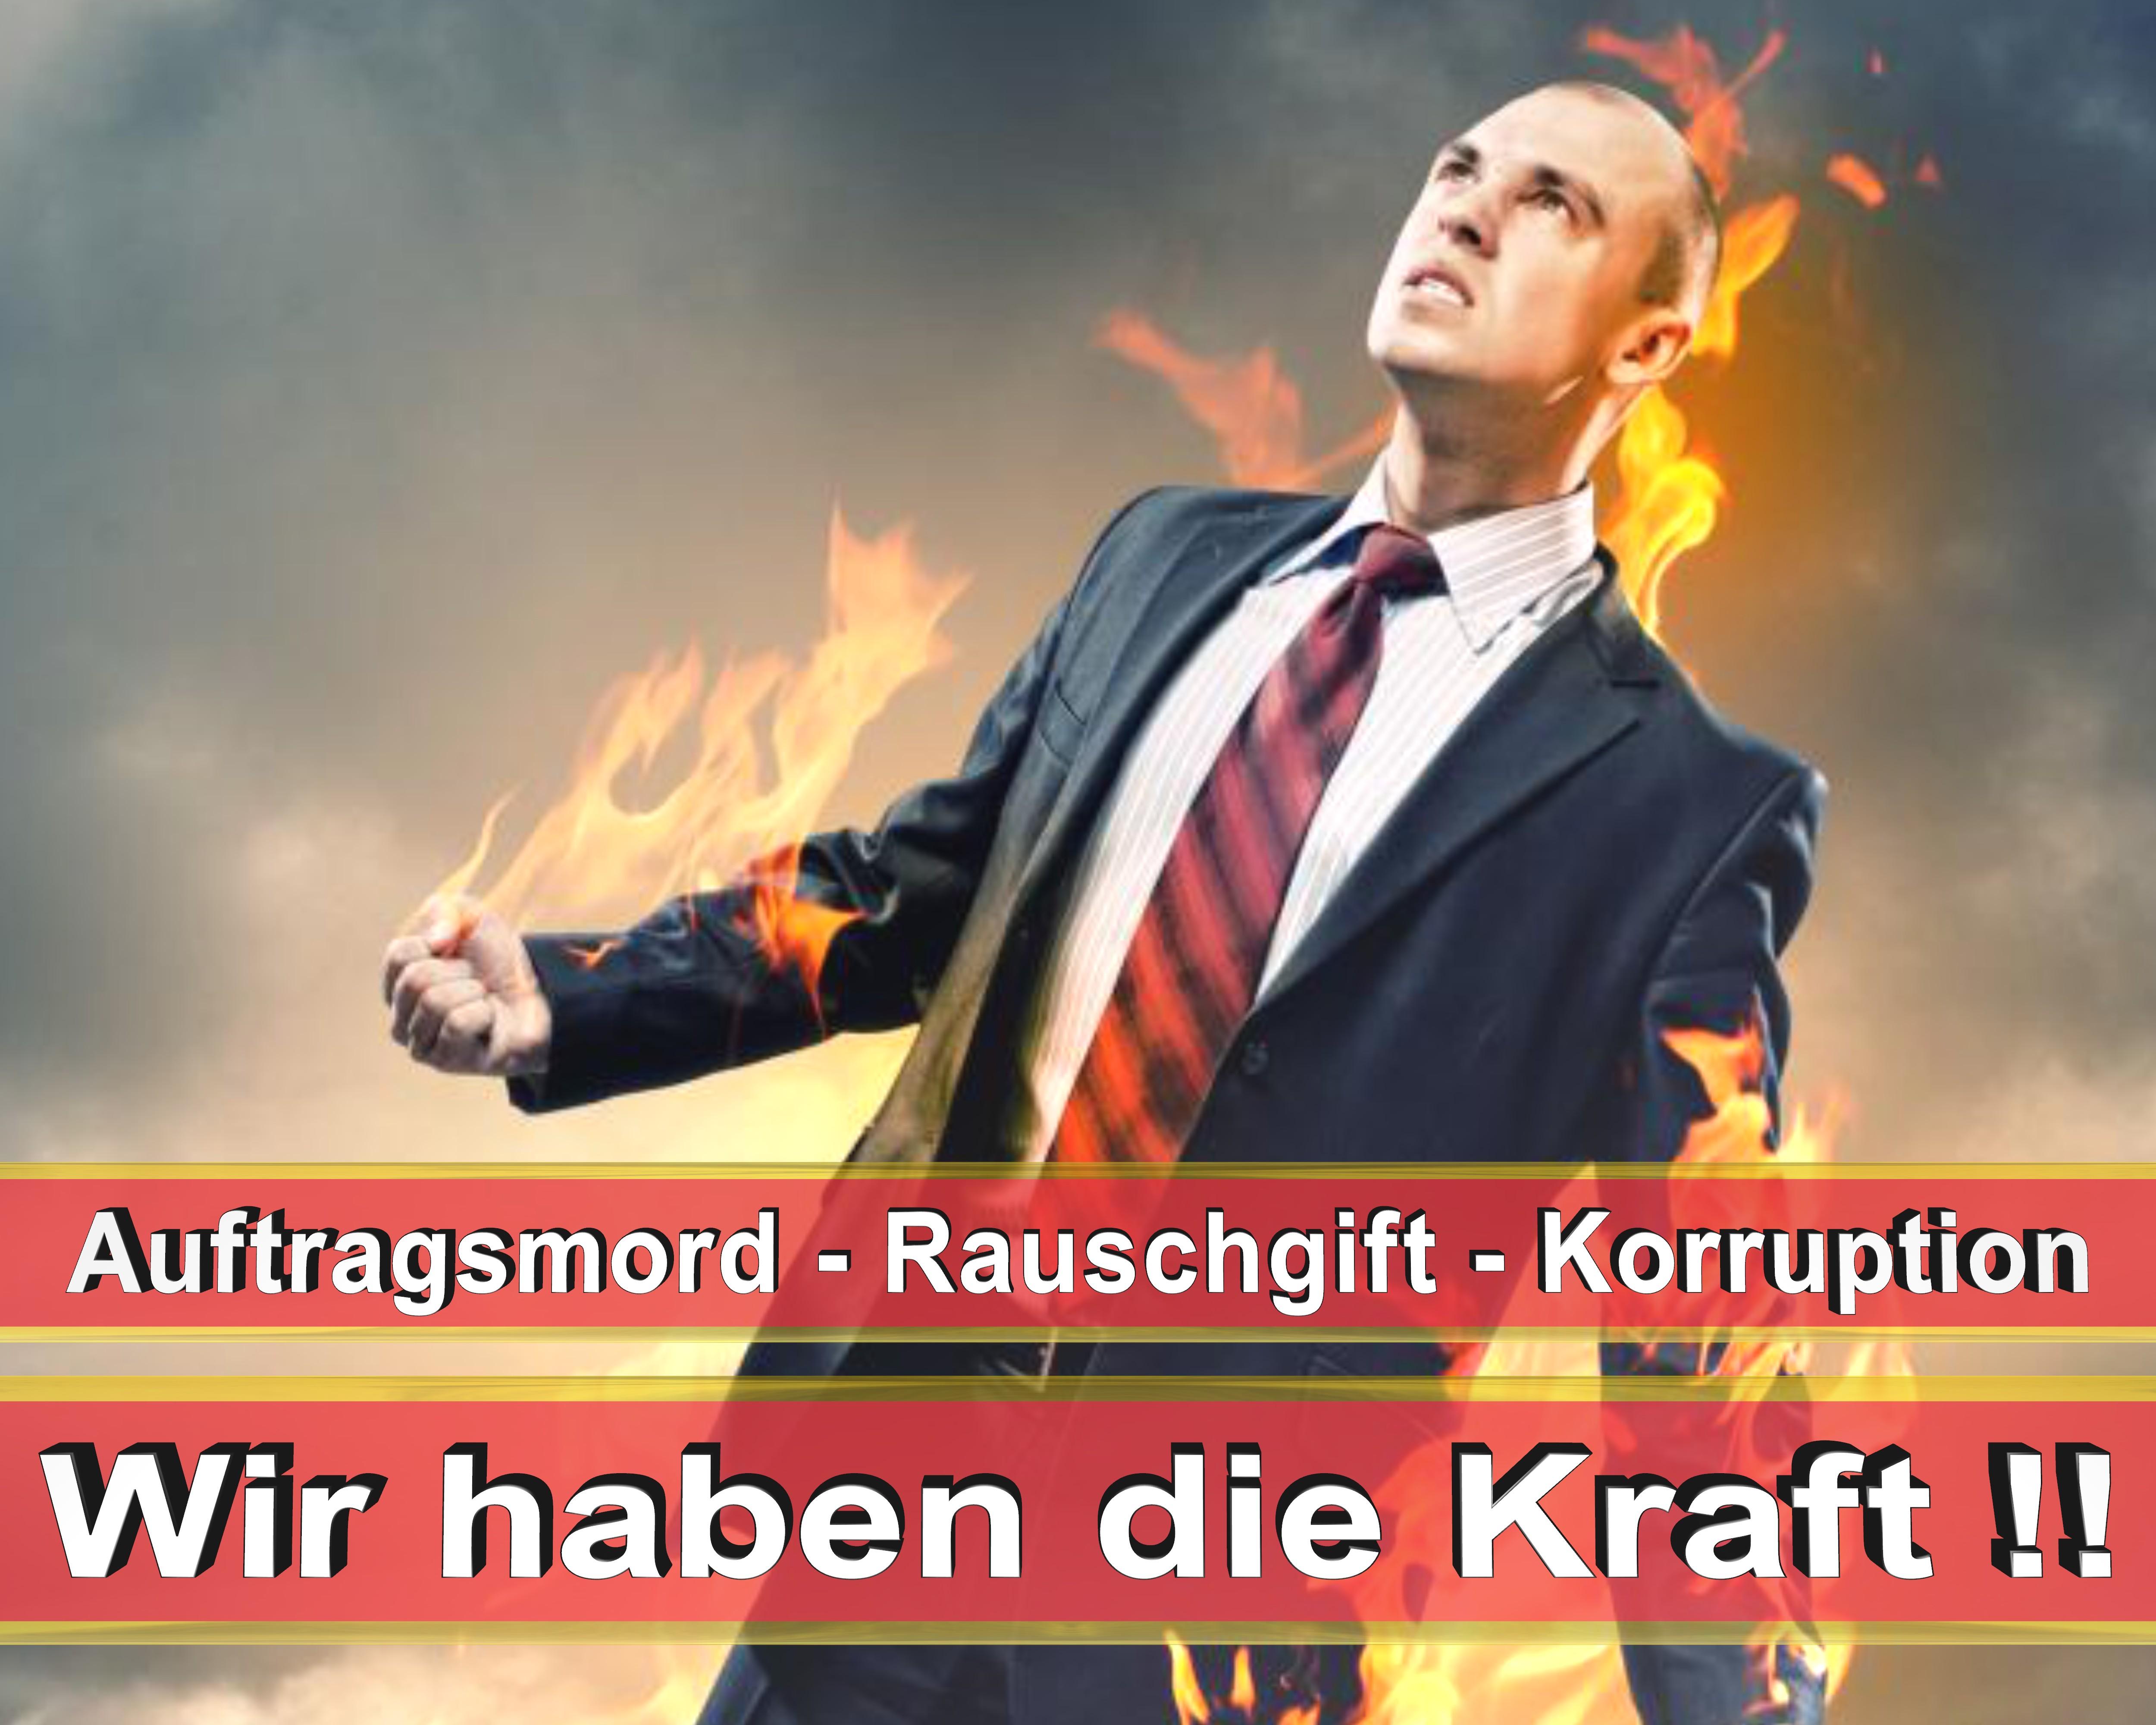 Bundestagswahl 2017 Wahlplakate CDU SPD FDP AFD NPD Angela Merkel Frauke Petry (3)